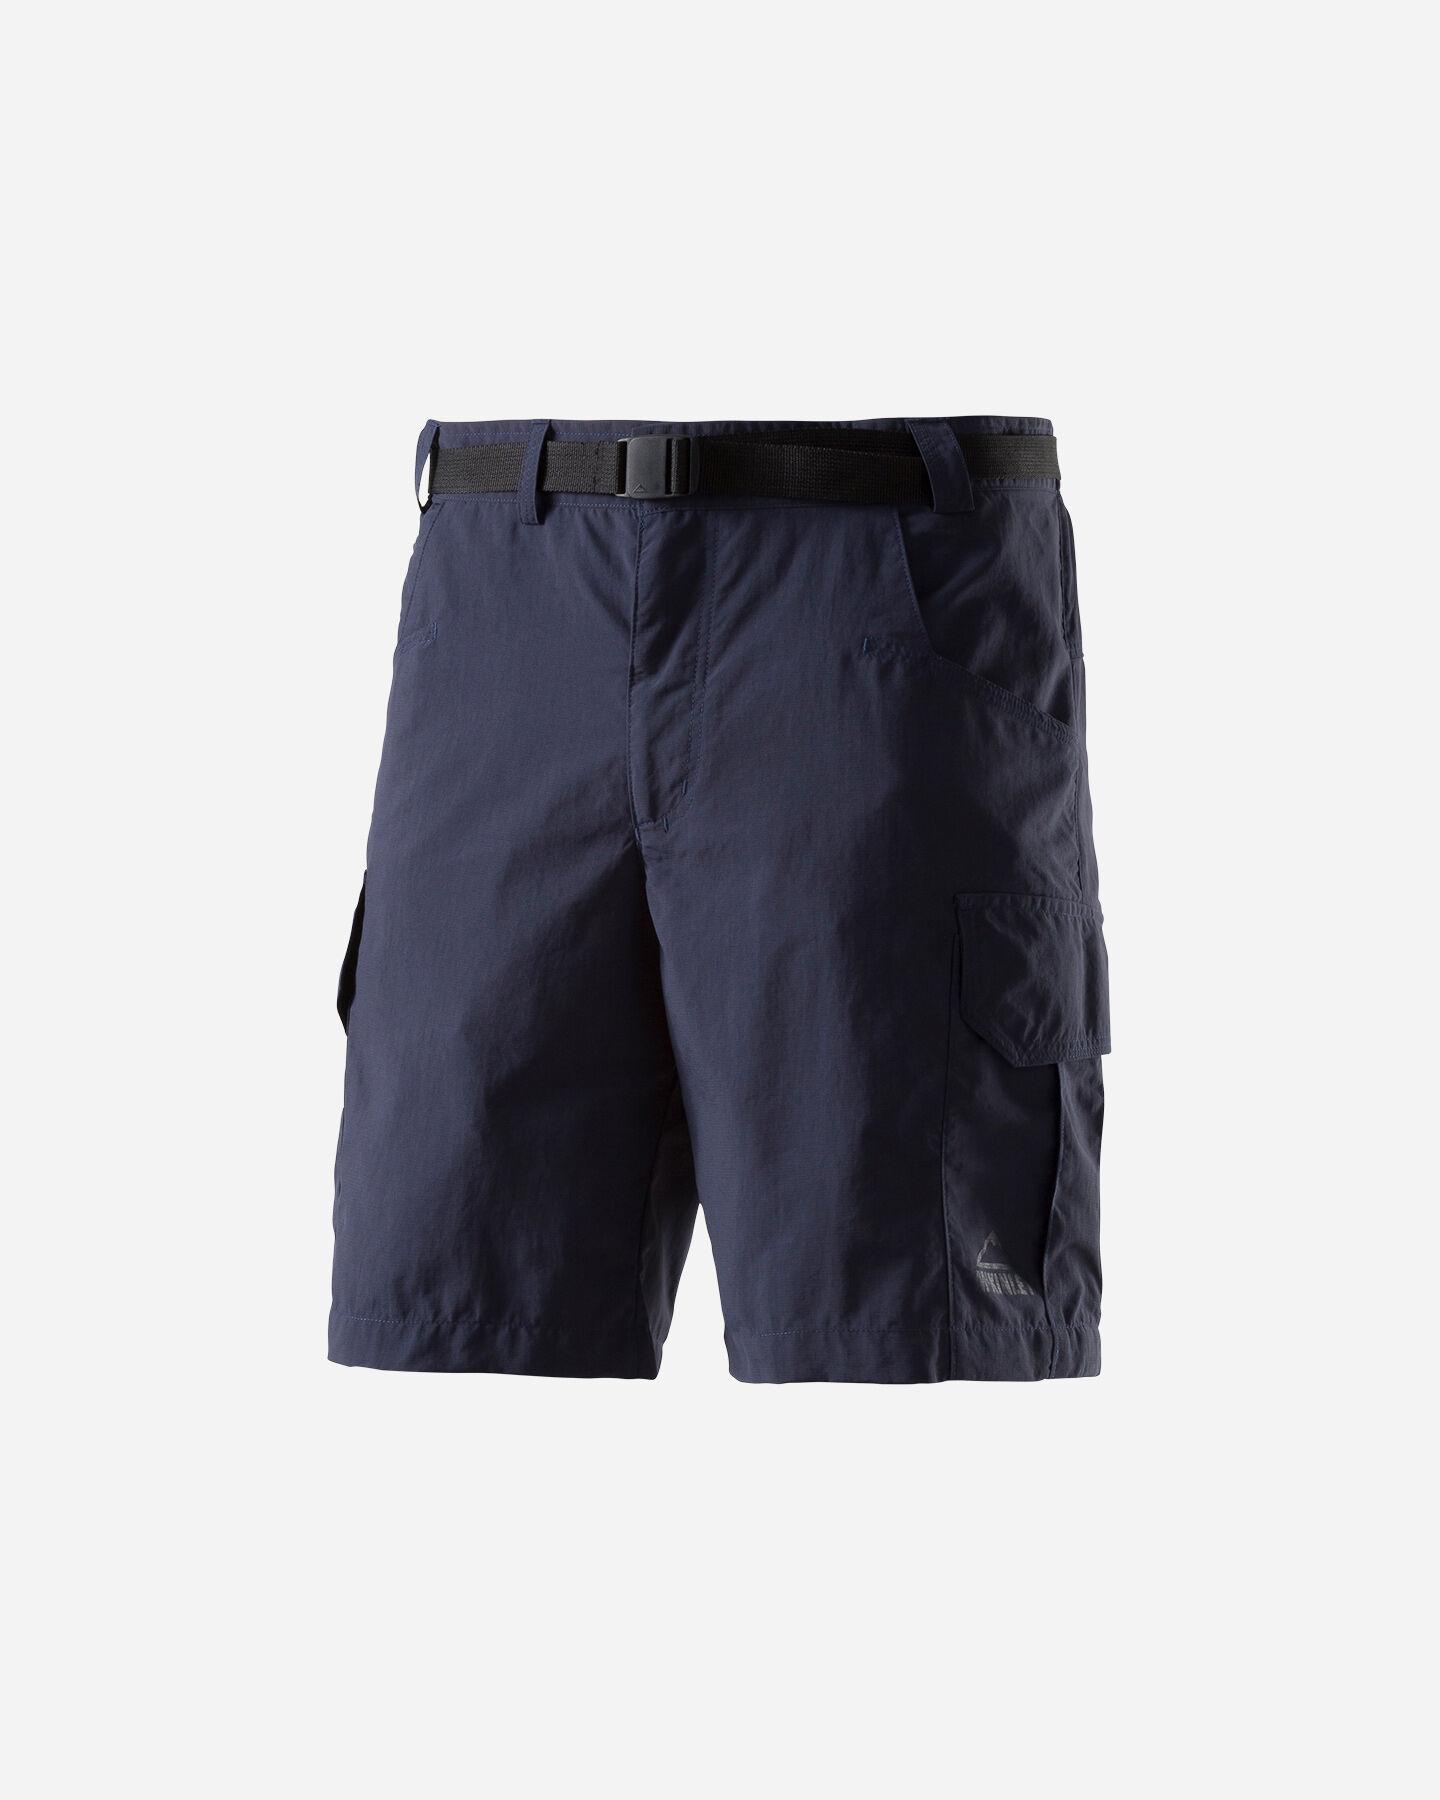 Outdoor Mckinley Uomo Iii Pantaloni M Ajo trQdxshC